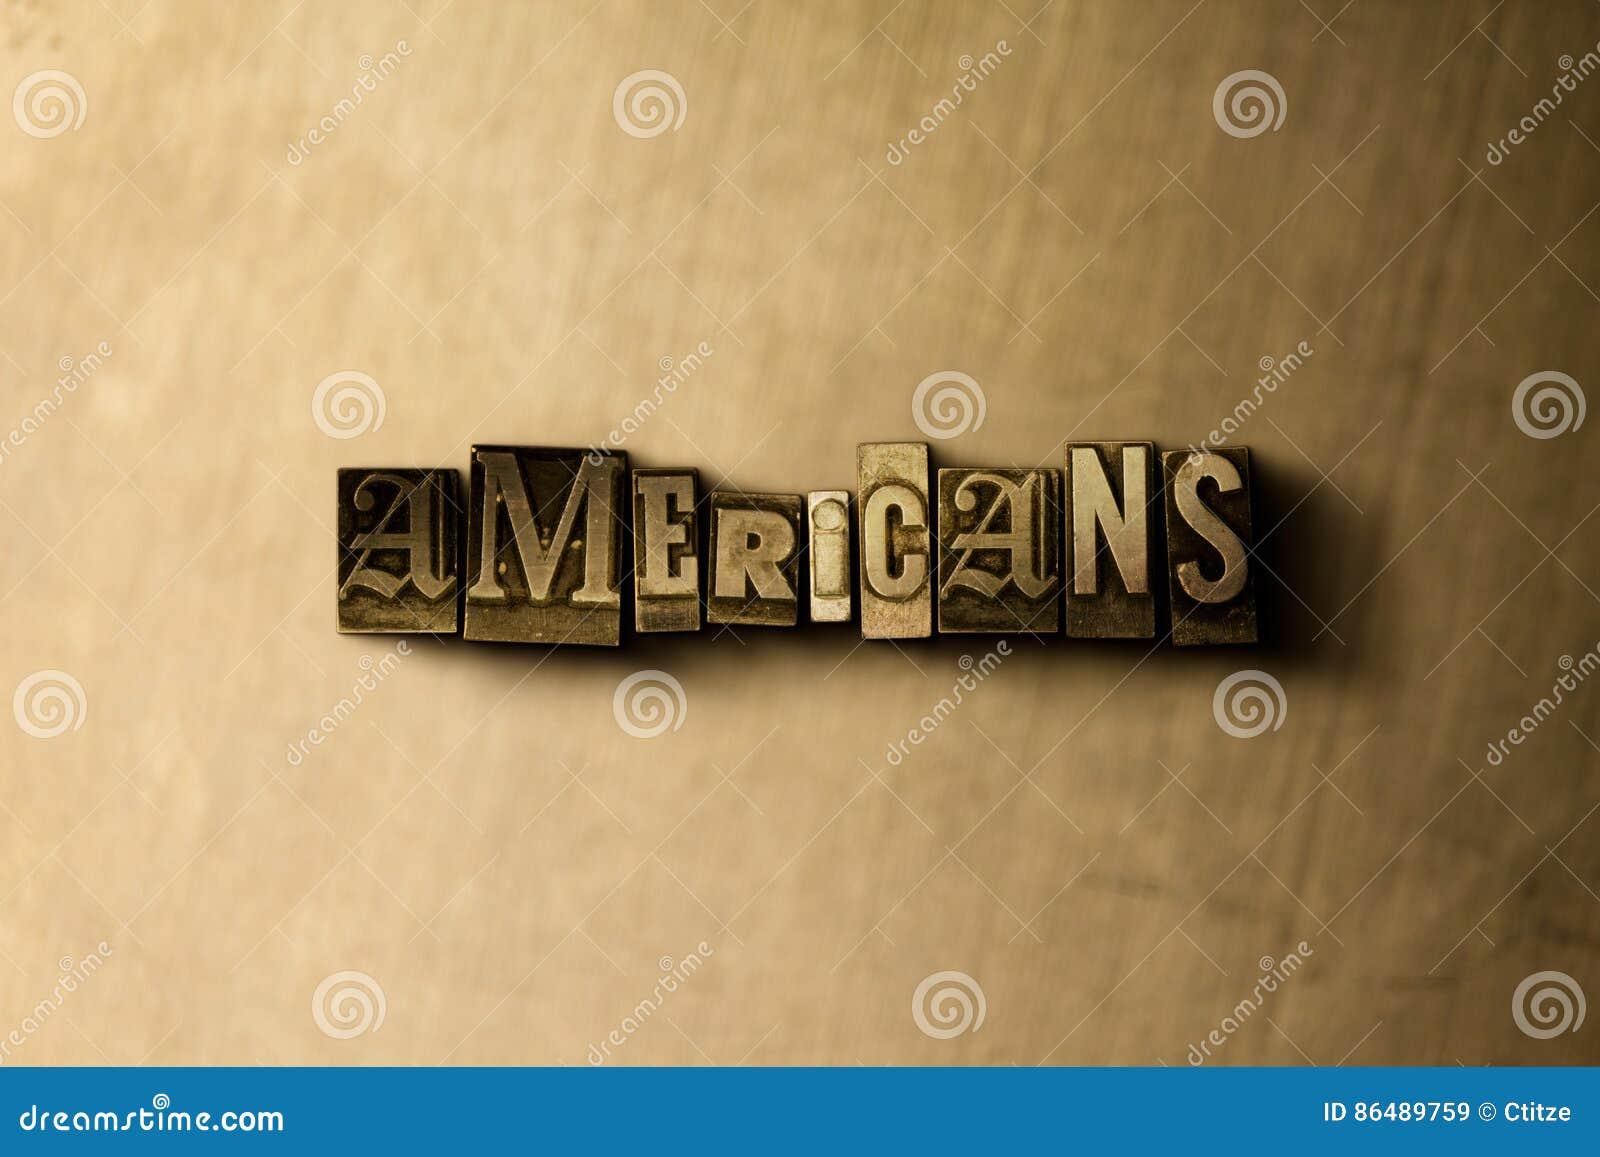 AMERIKANEN - close-up van grungy wijnoogst gezet woord op metaalachtergrond